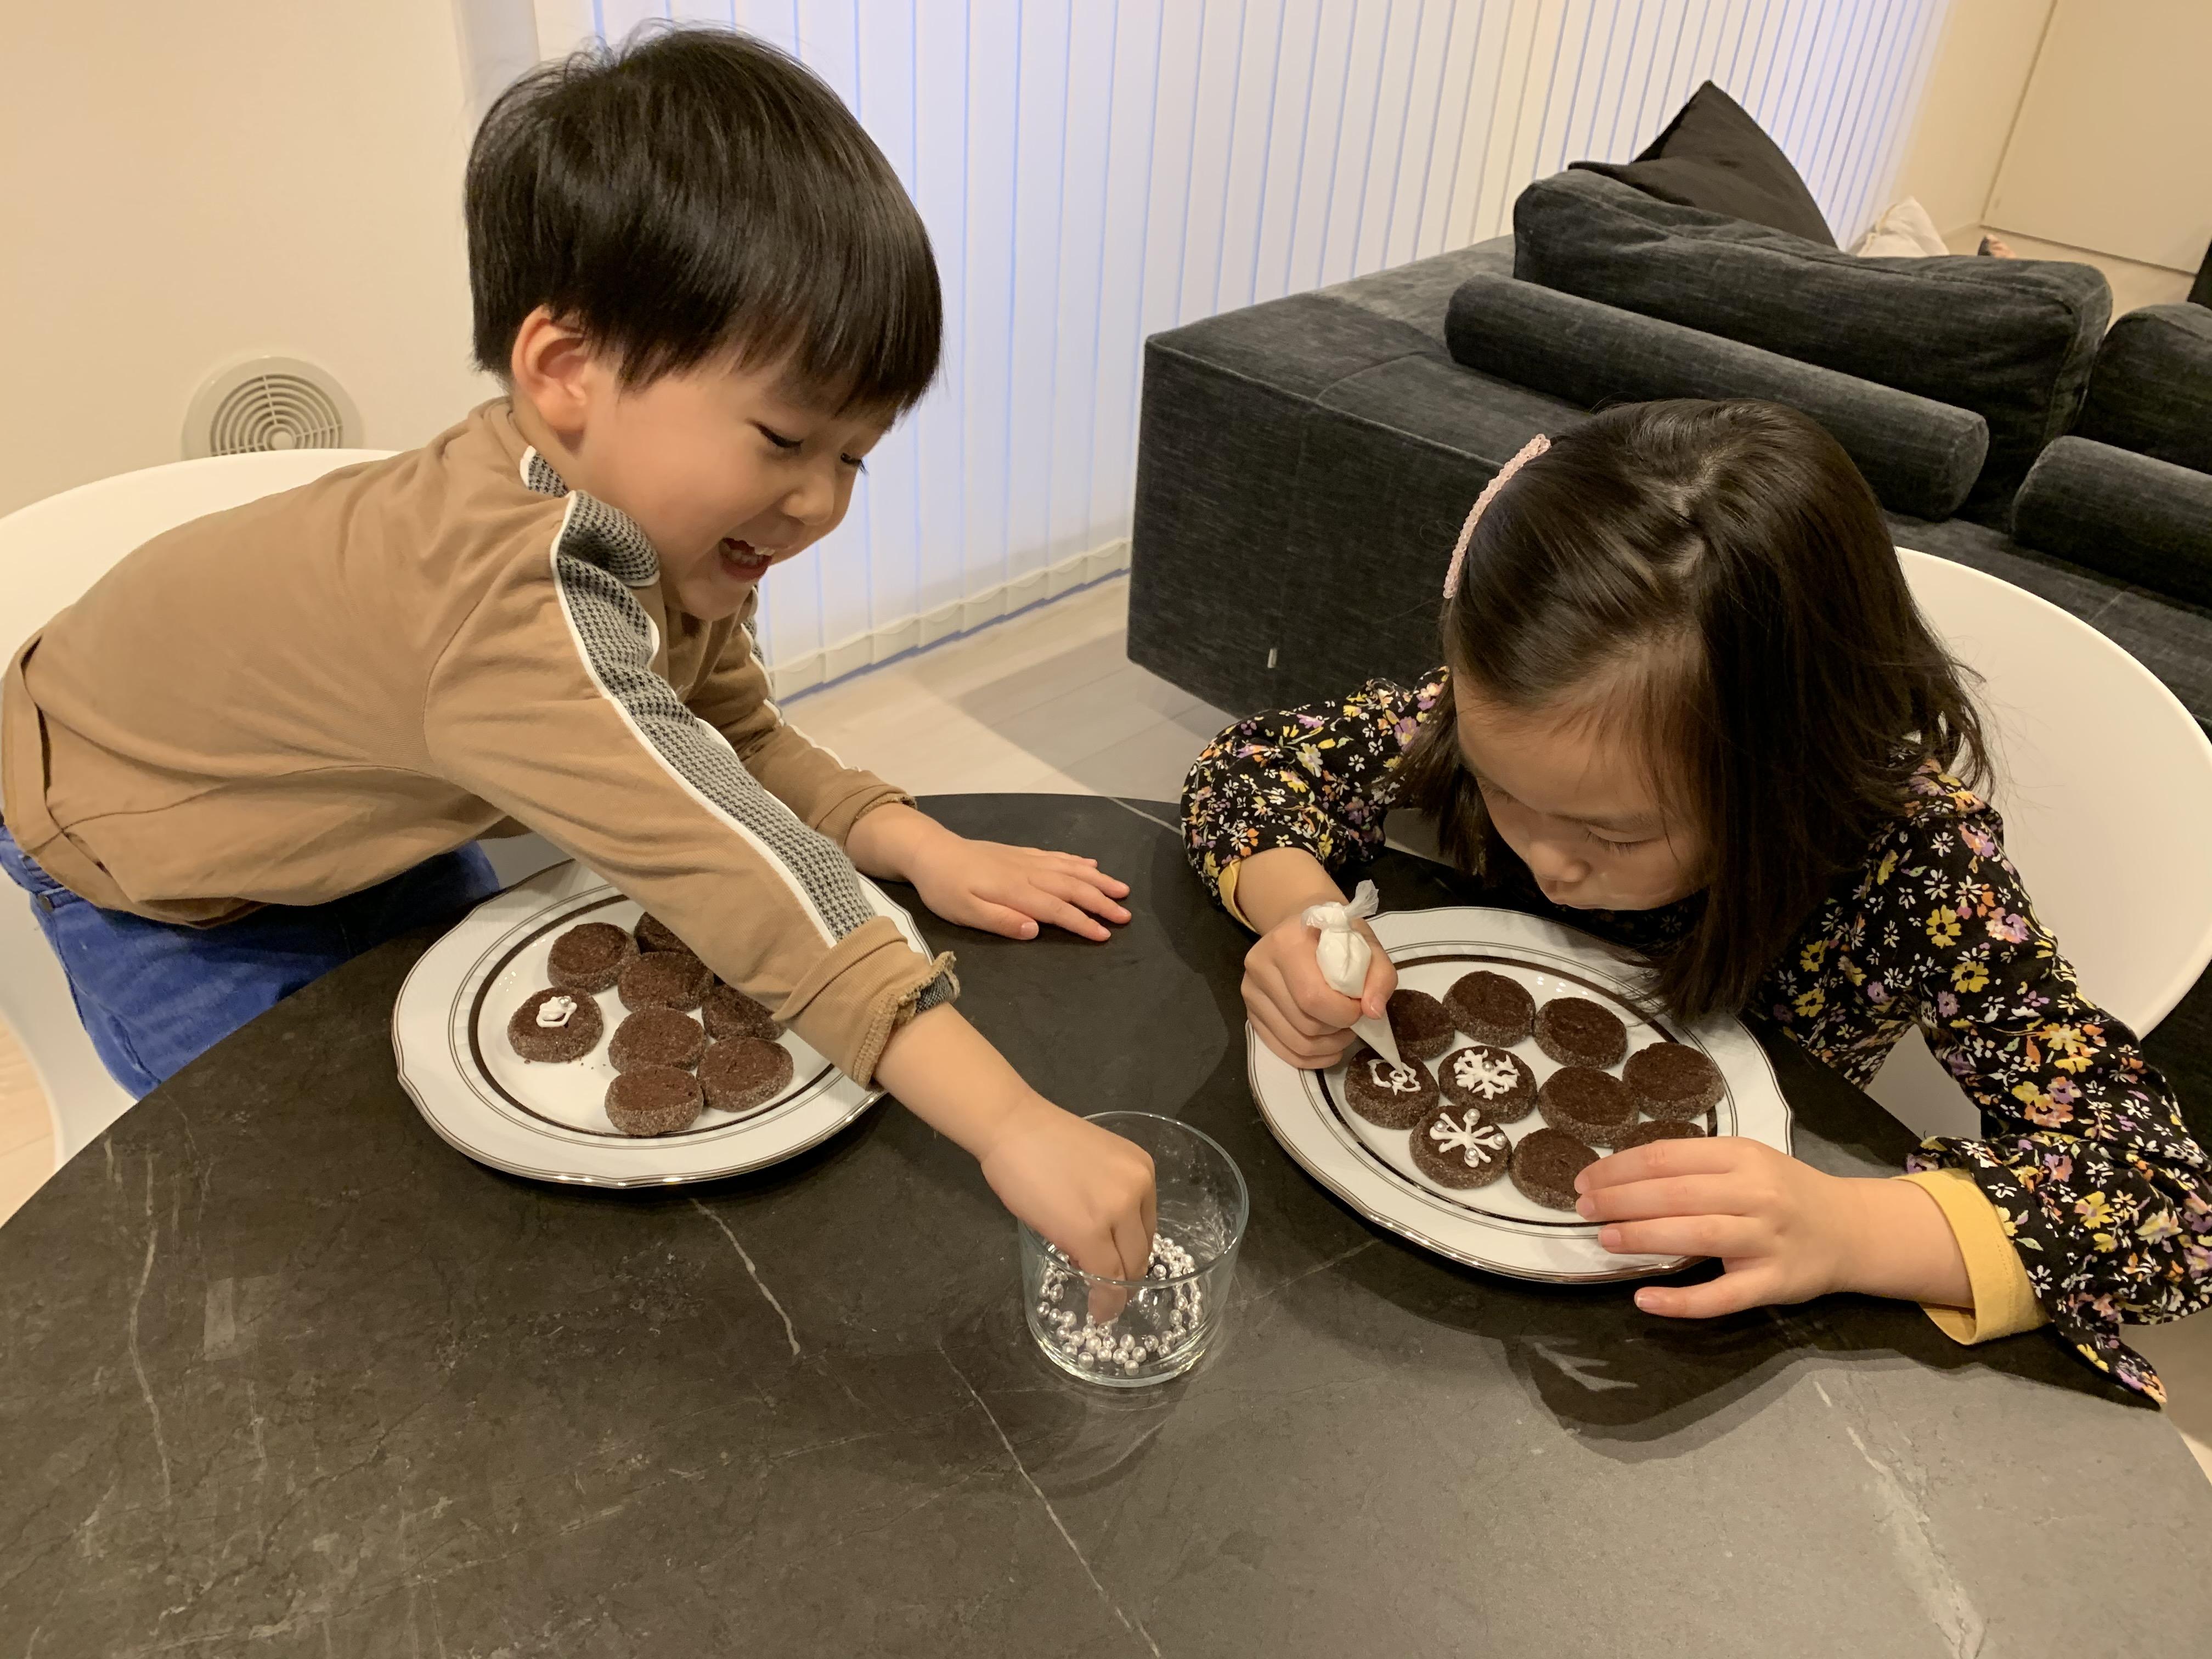 12月メニュー「雪の結晶クッキー」作りに3歳男子が挑戦!